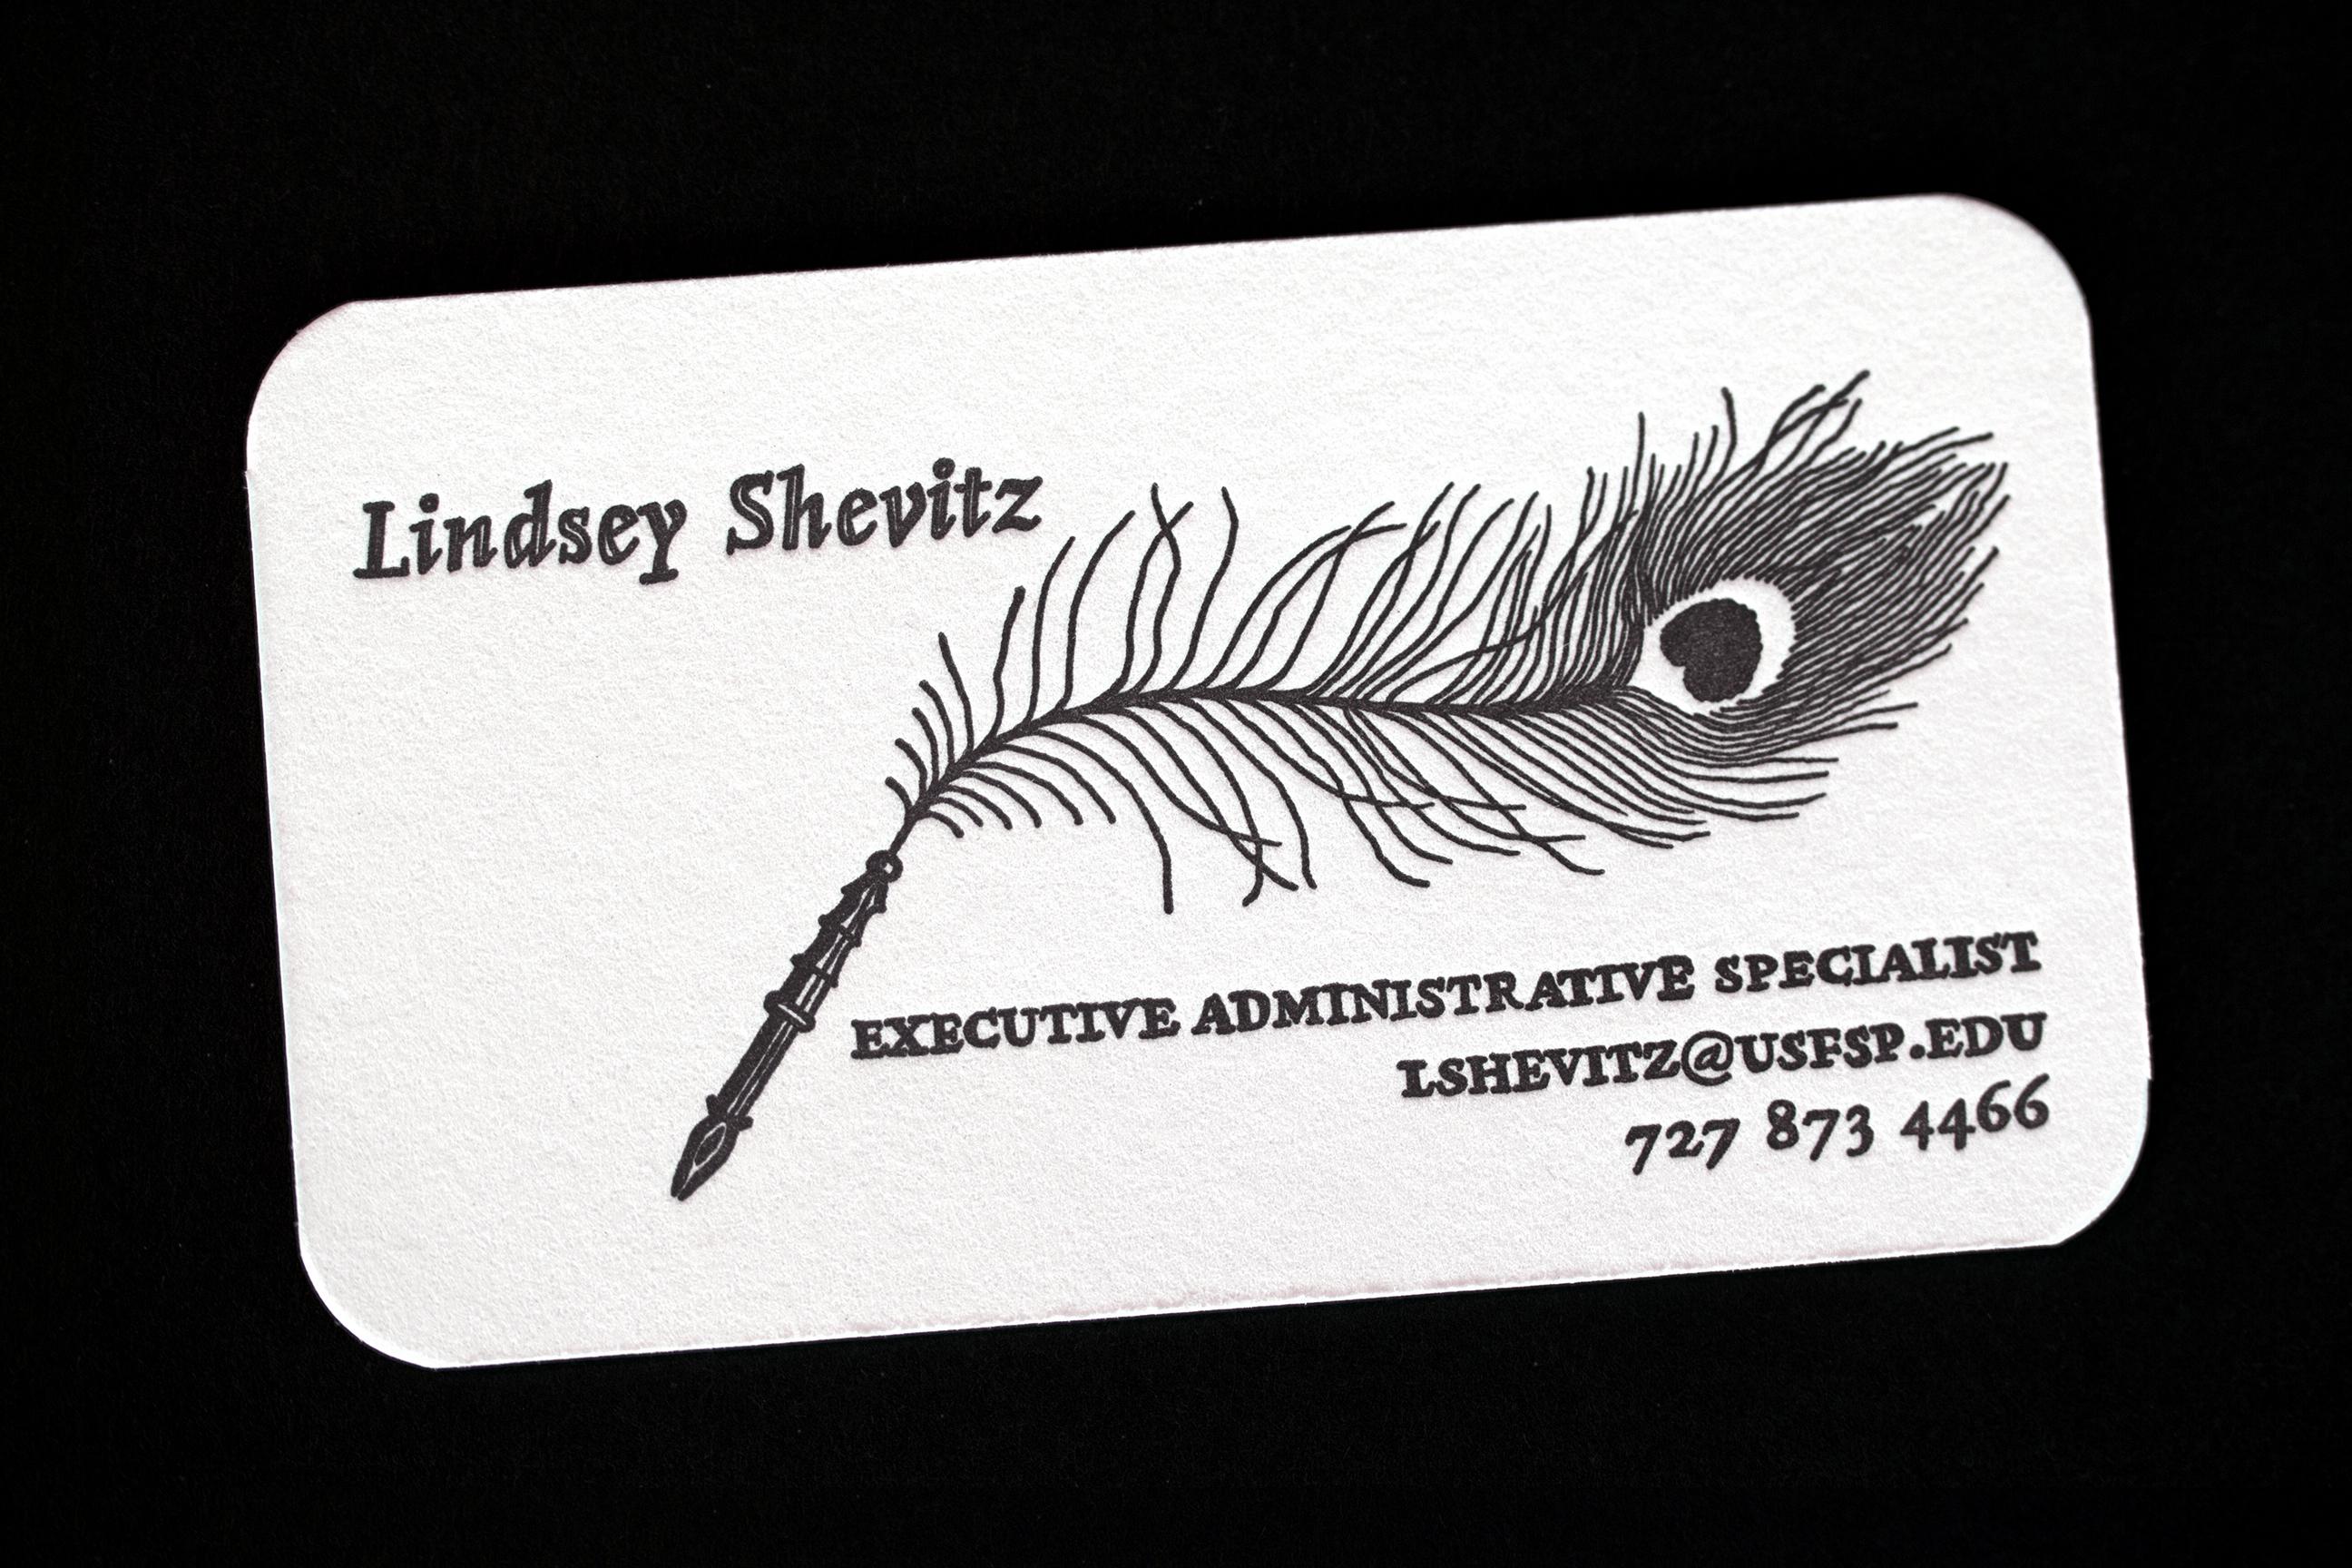 lindsey_shevitz_1